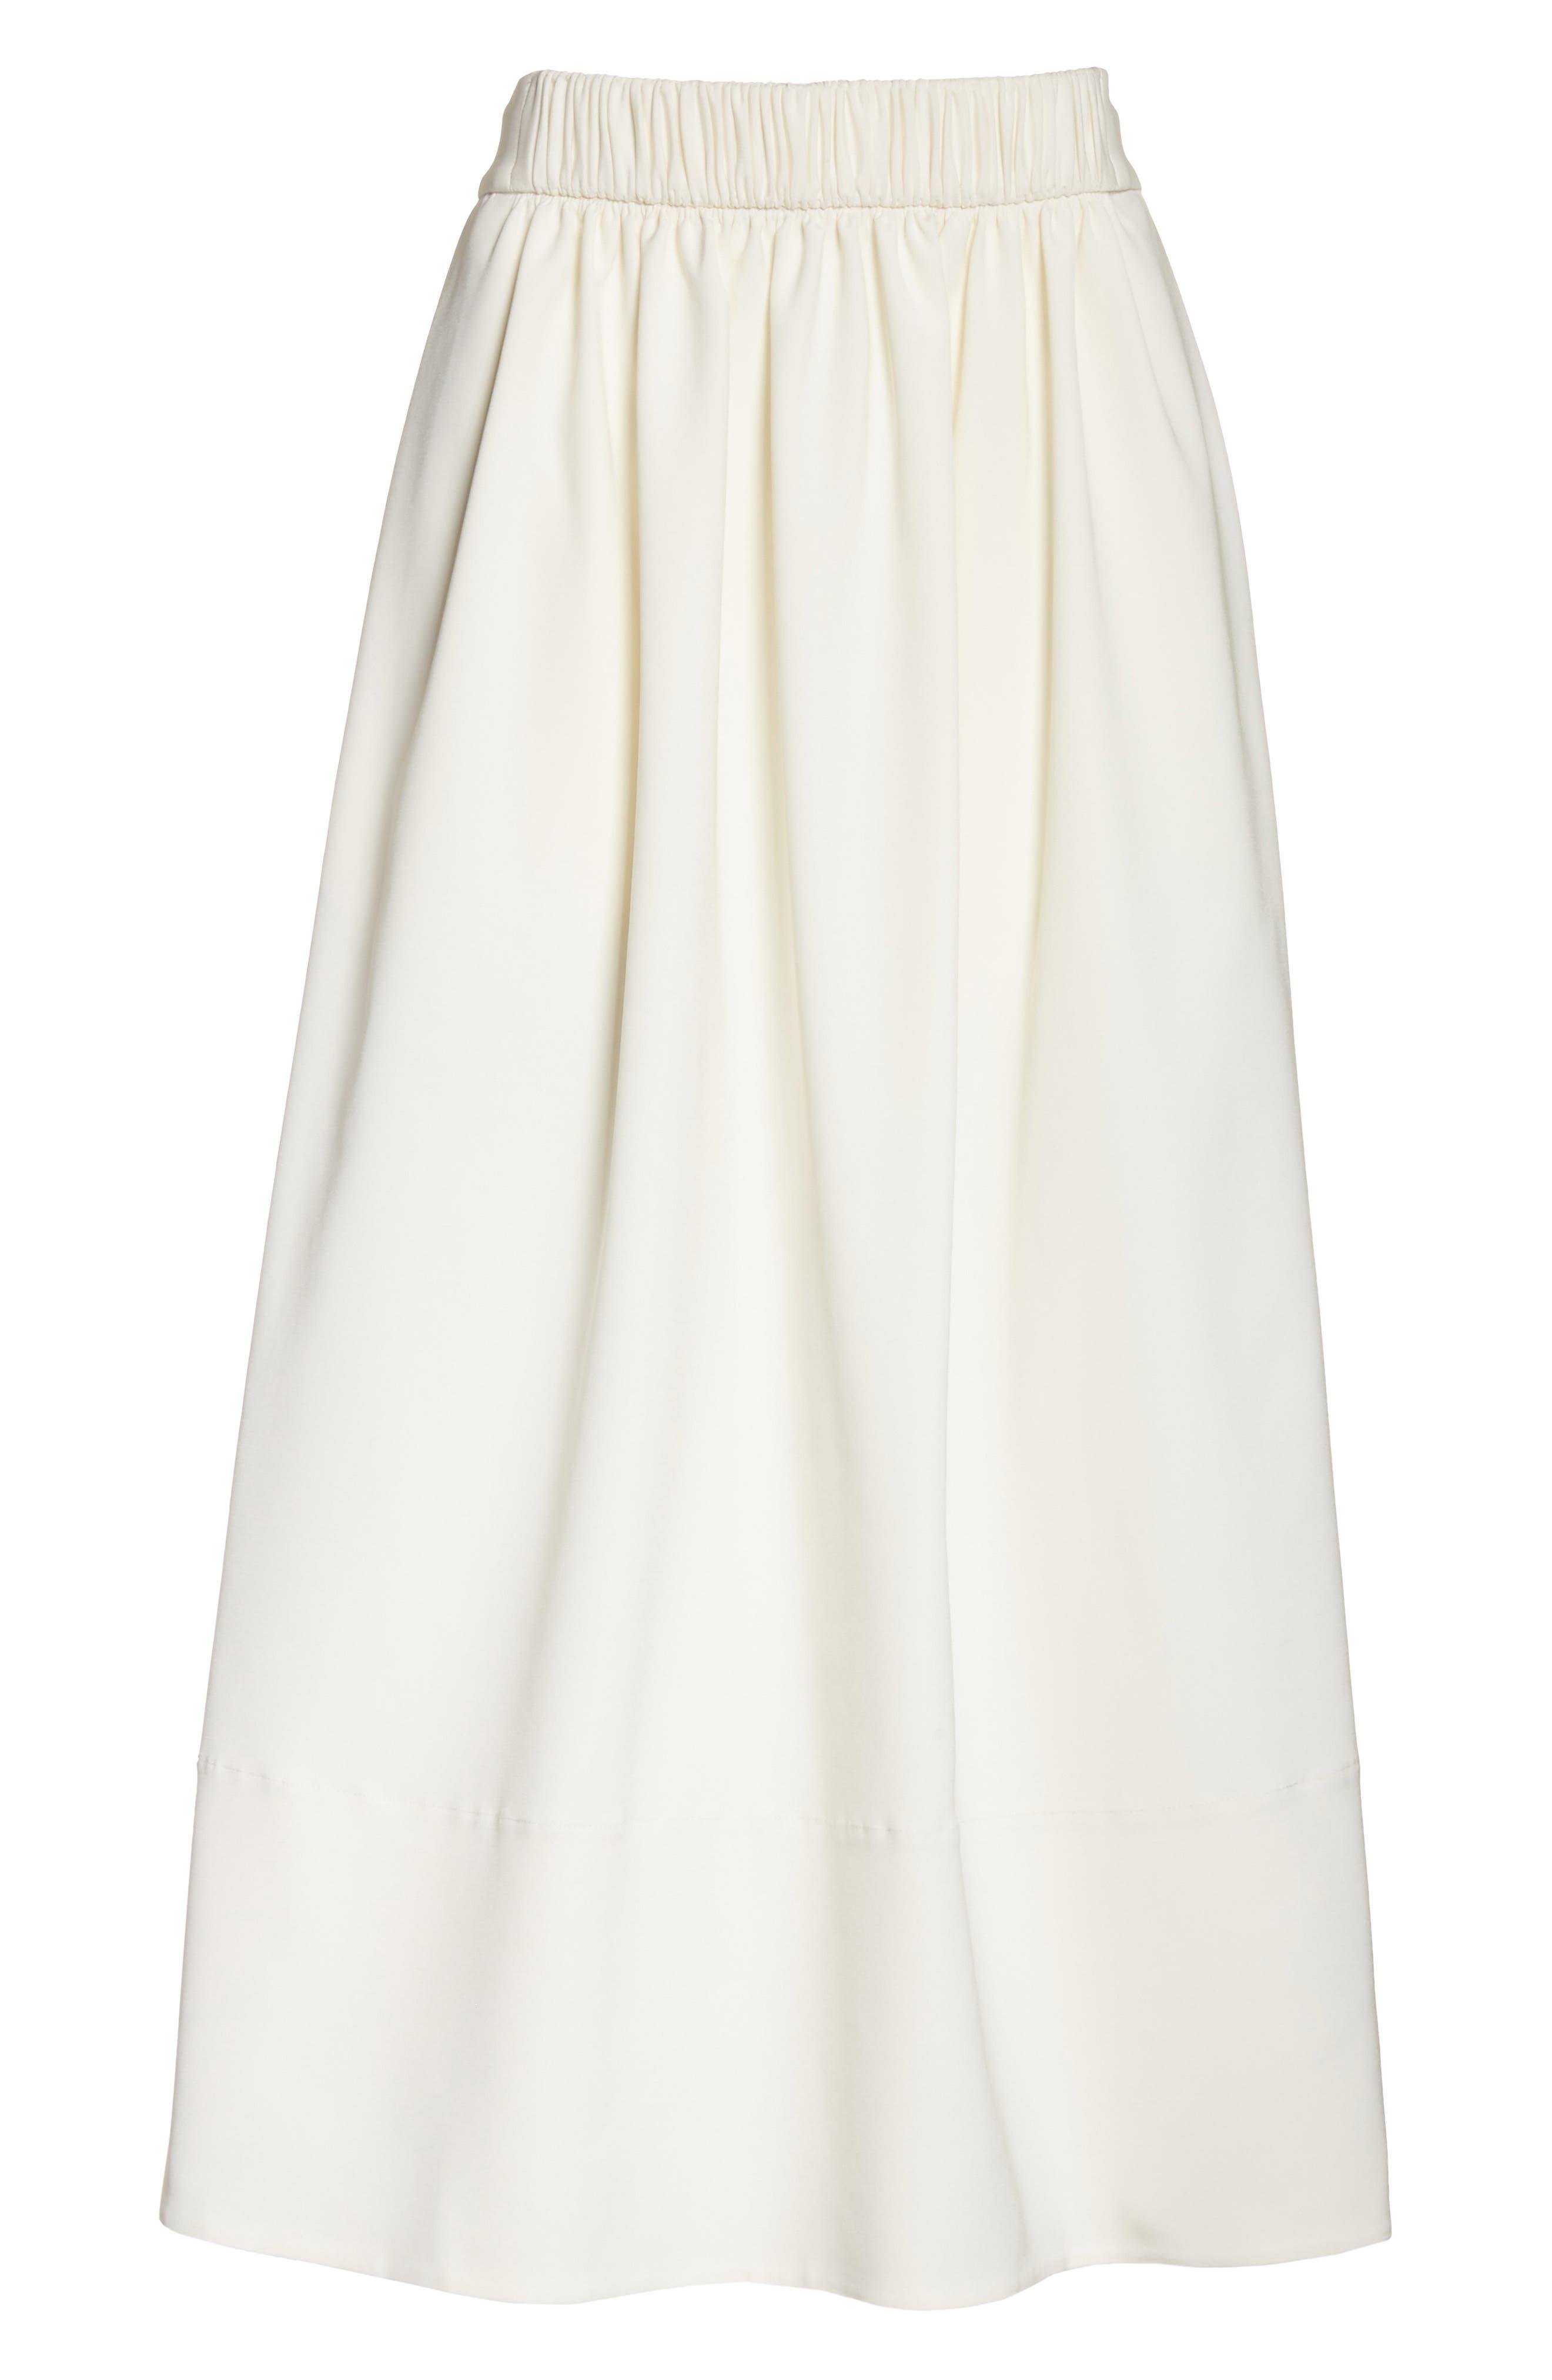 Stretch Faille Full Midi Skirt,                             Alternate thumbnail 6, color,                             Ivory